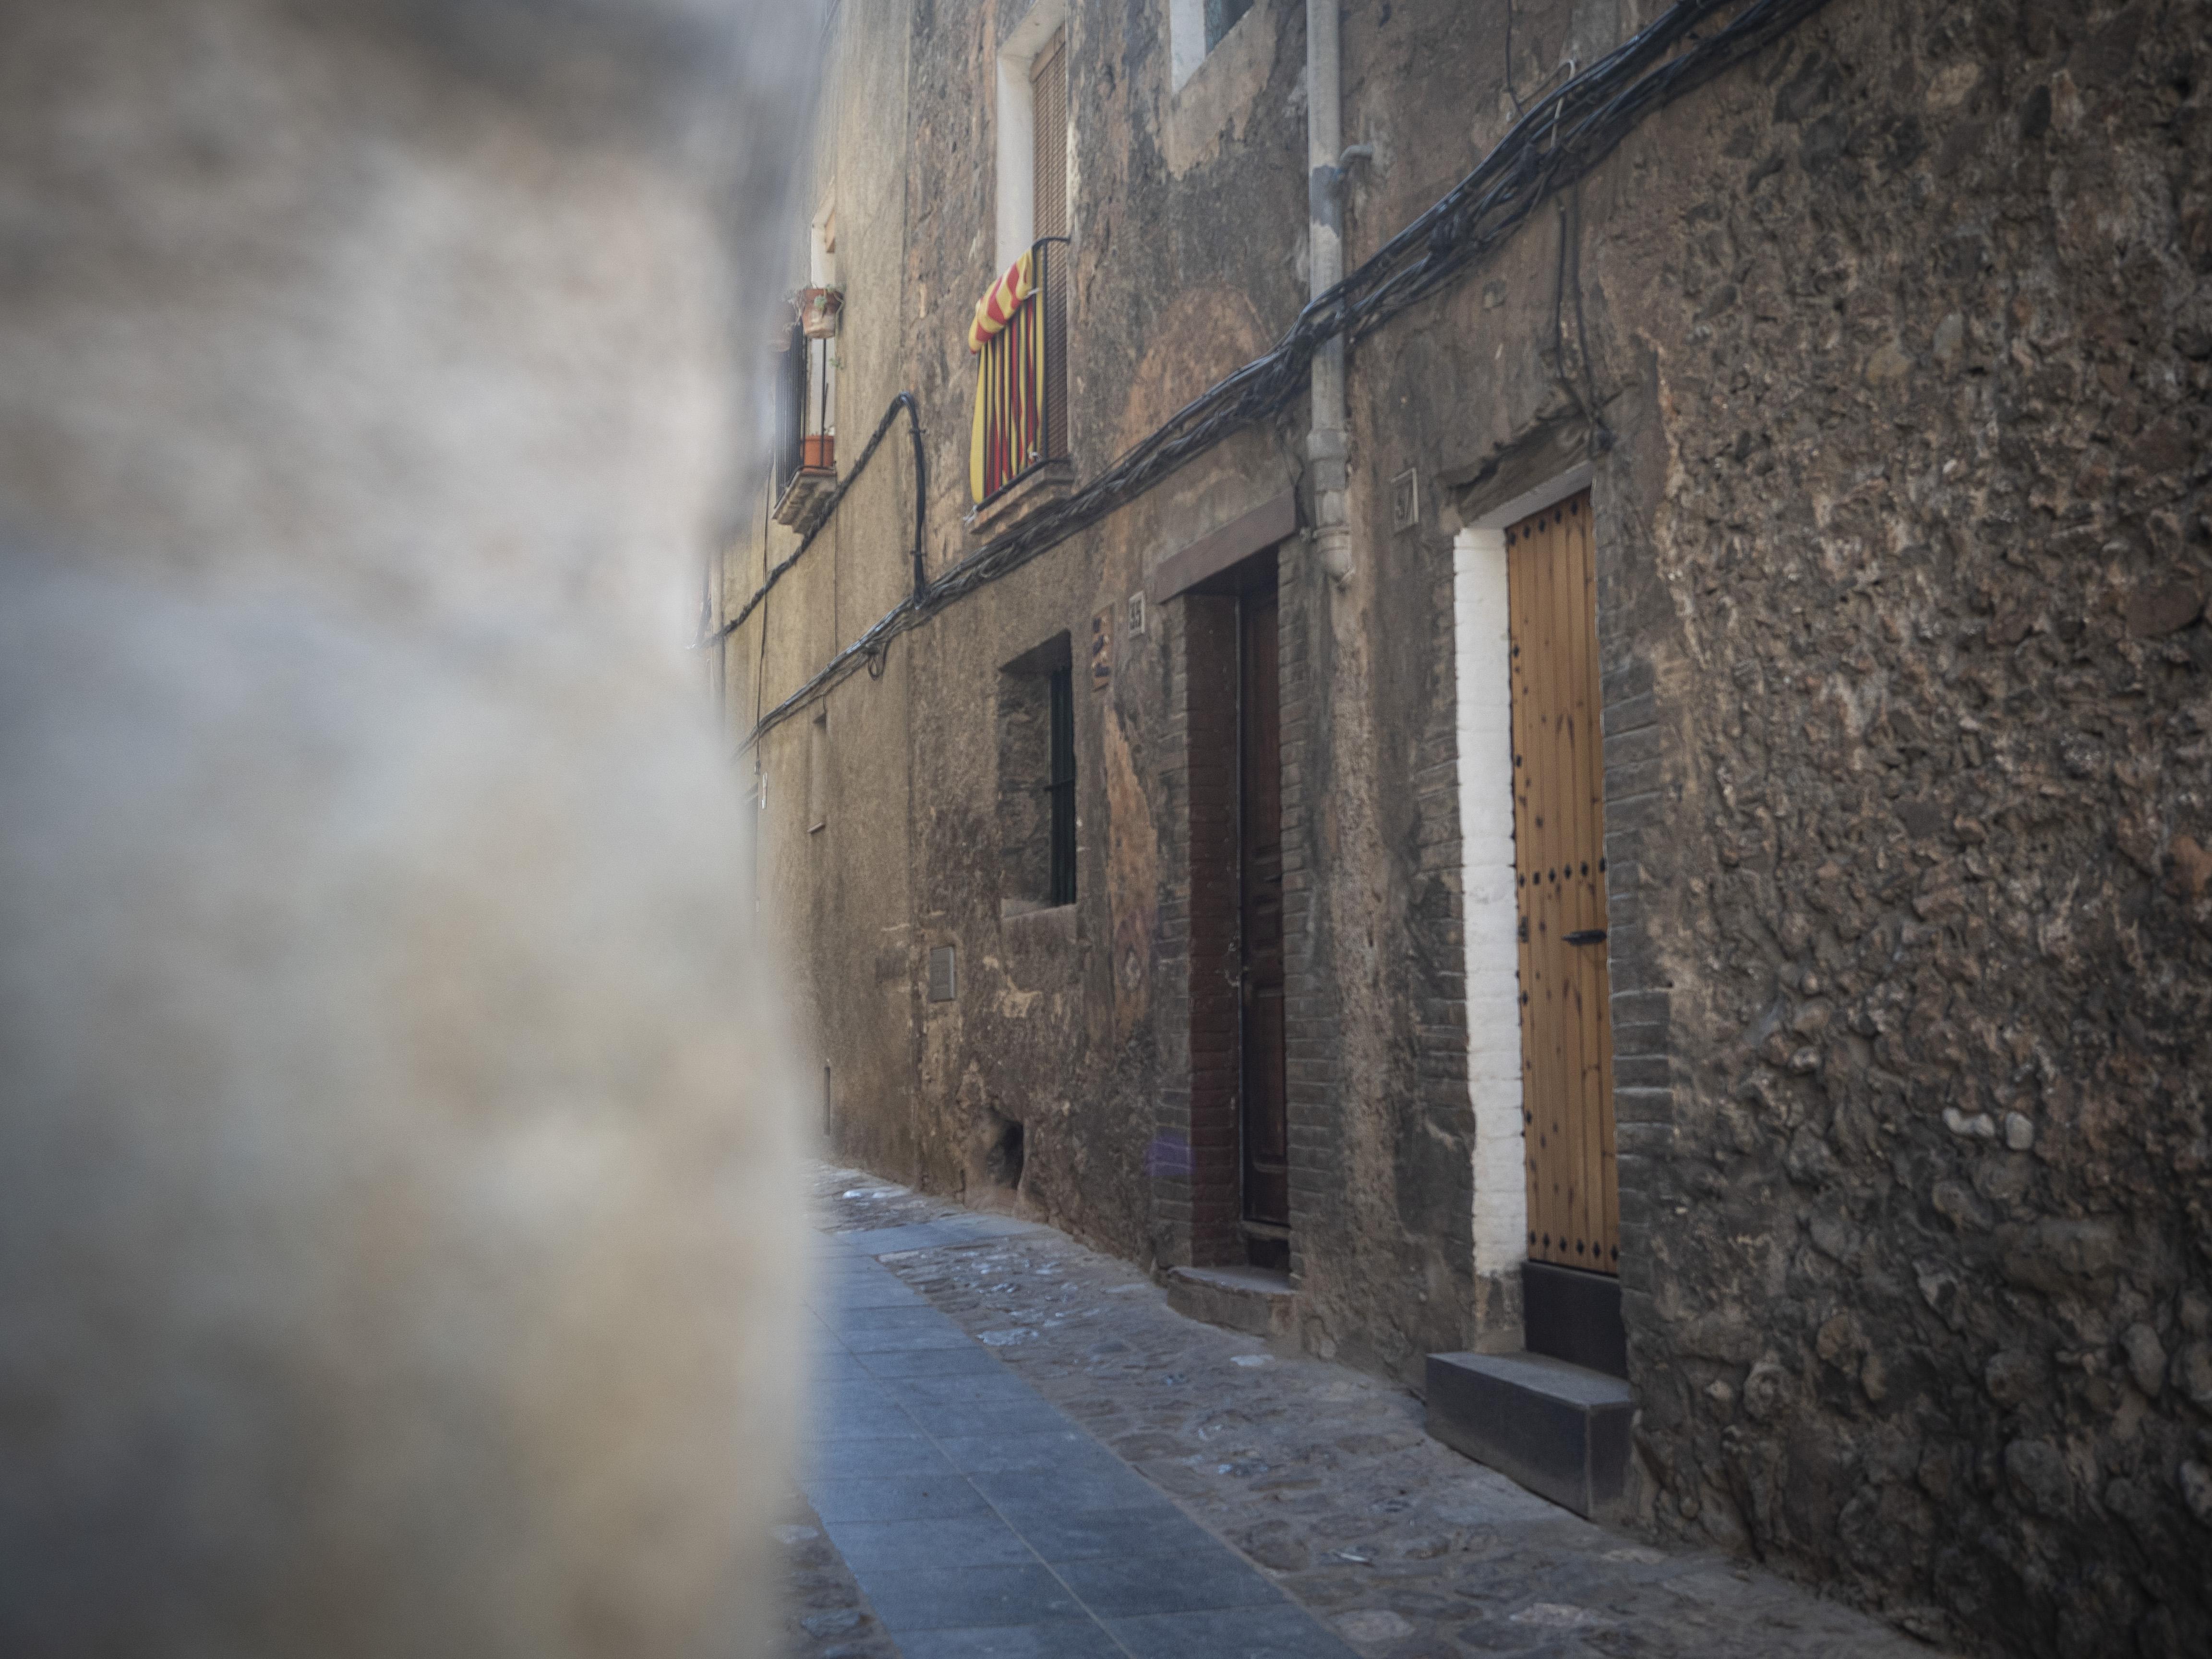 Bagà, una vila medieval 17. FOTO: Anna E. Puig